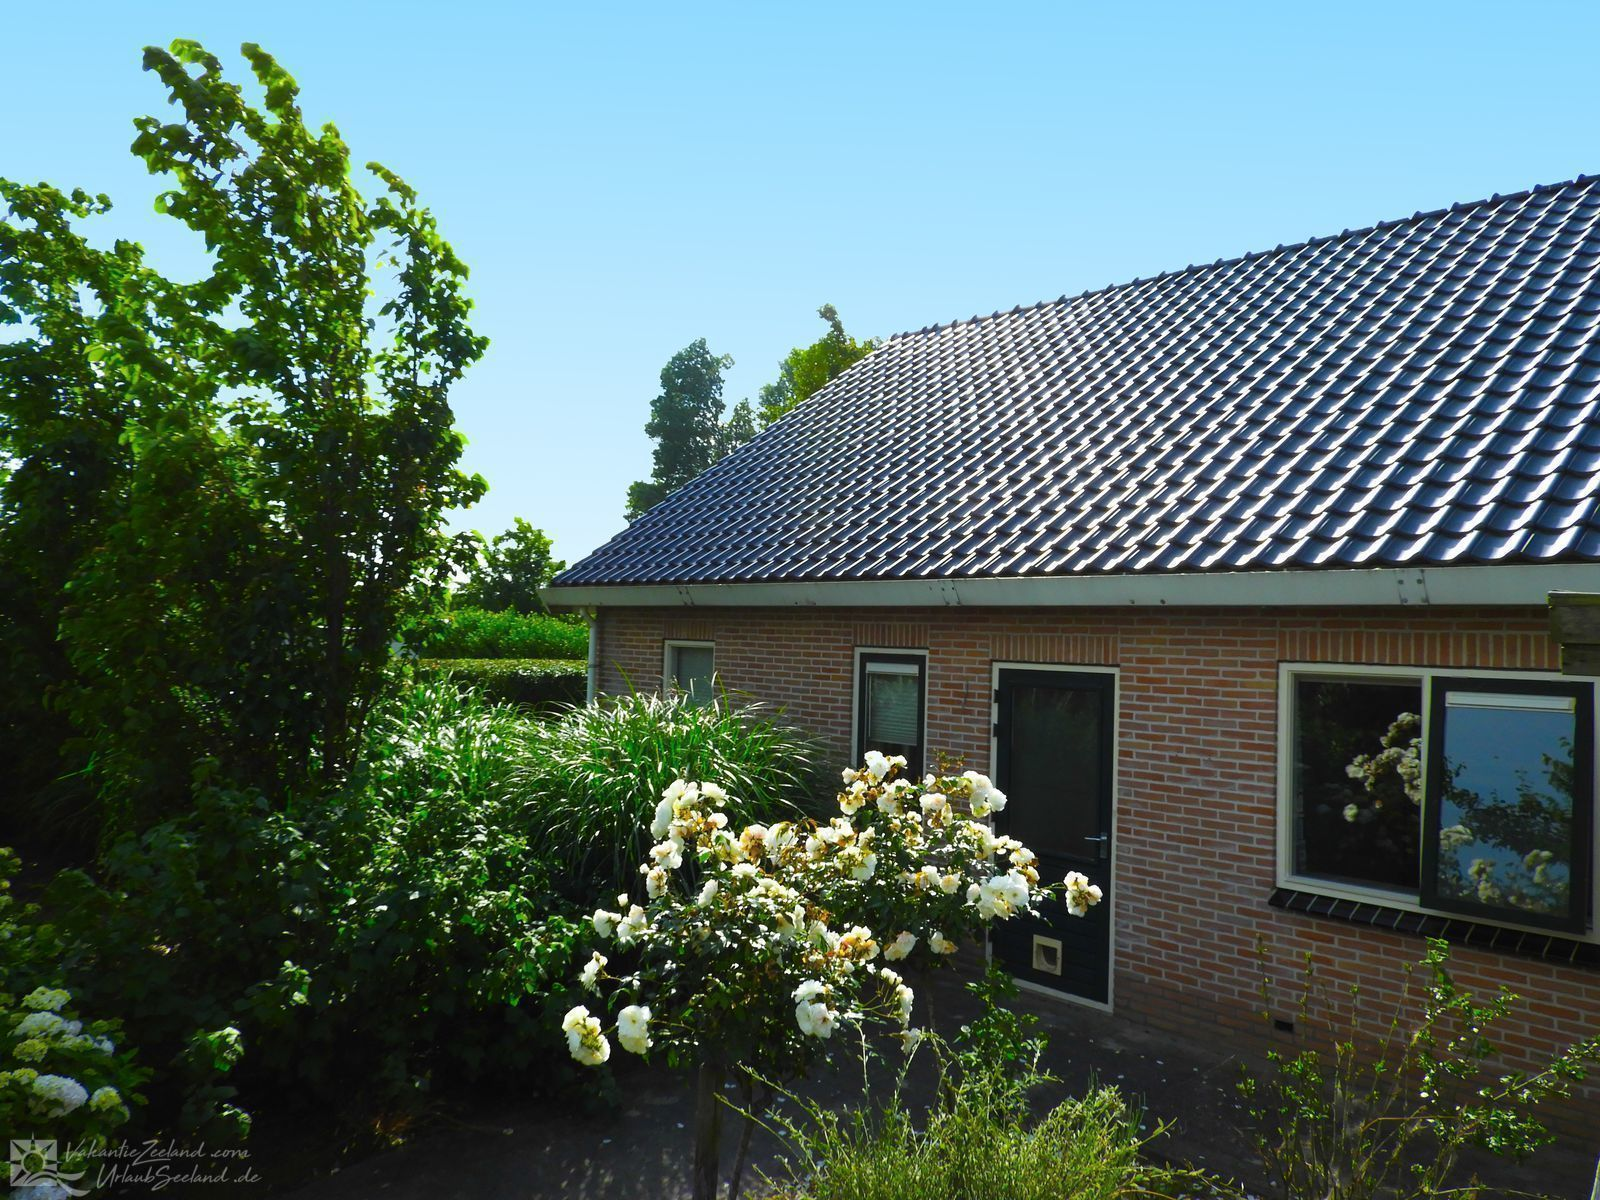 VZ349 Vakantiewoning Colijnsplaat